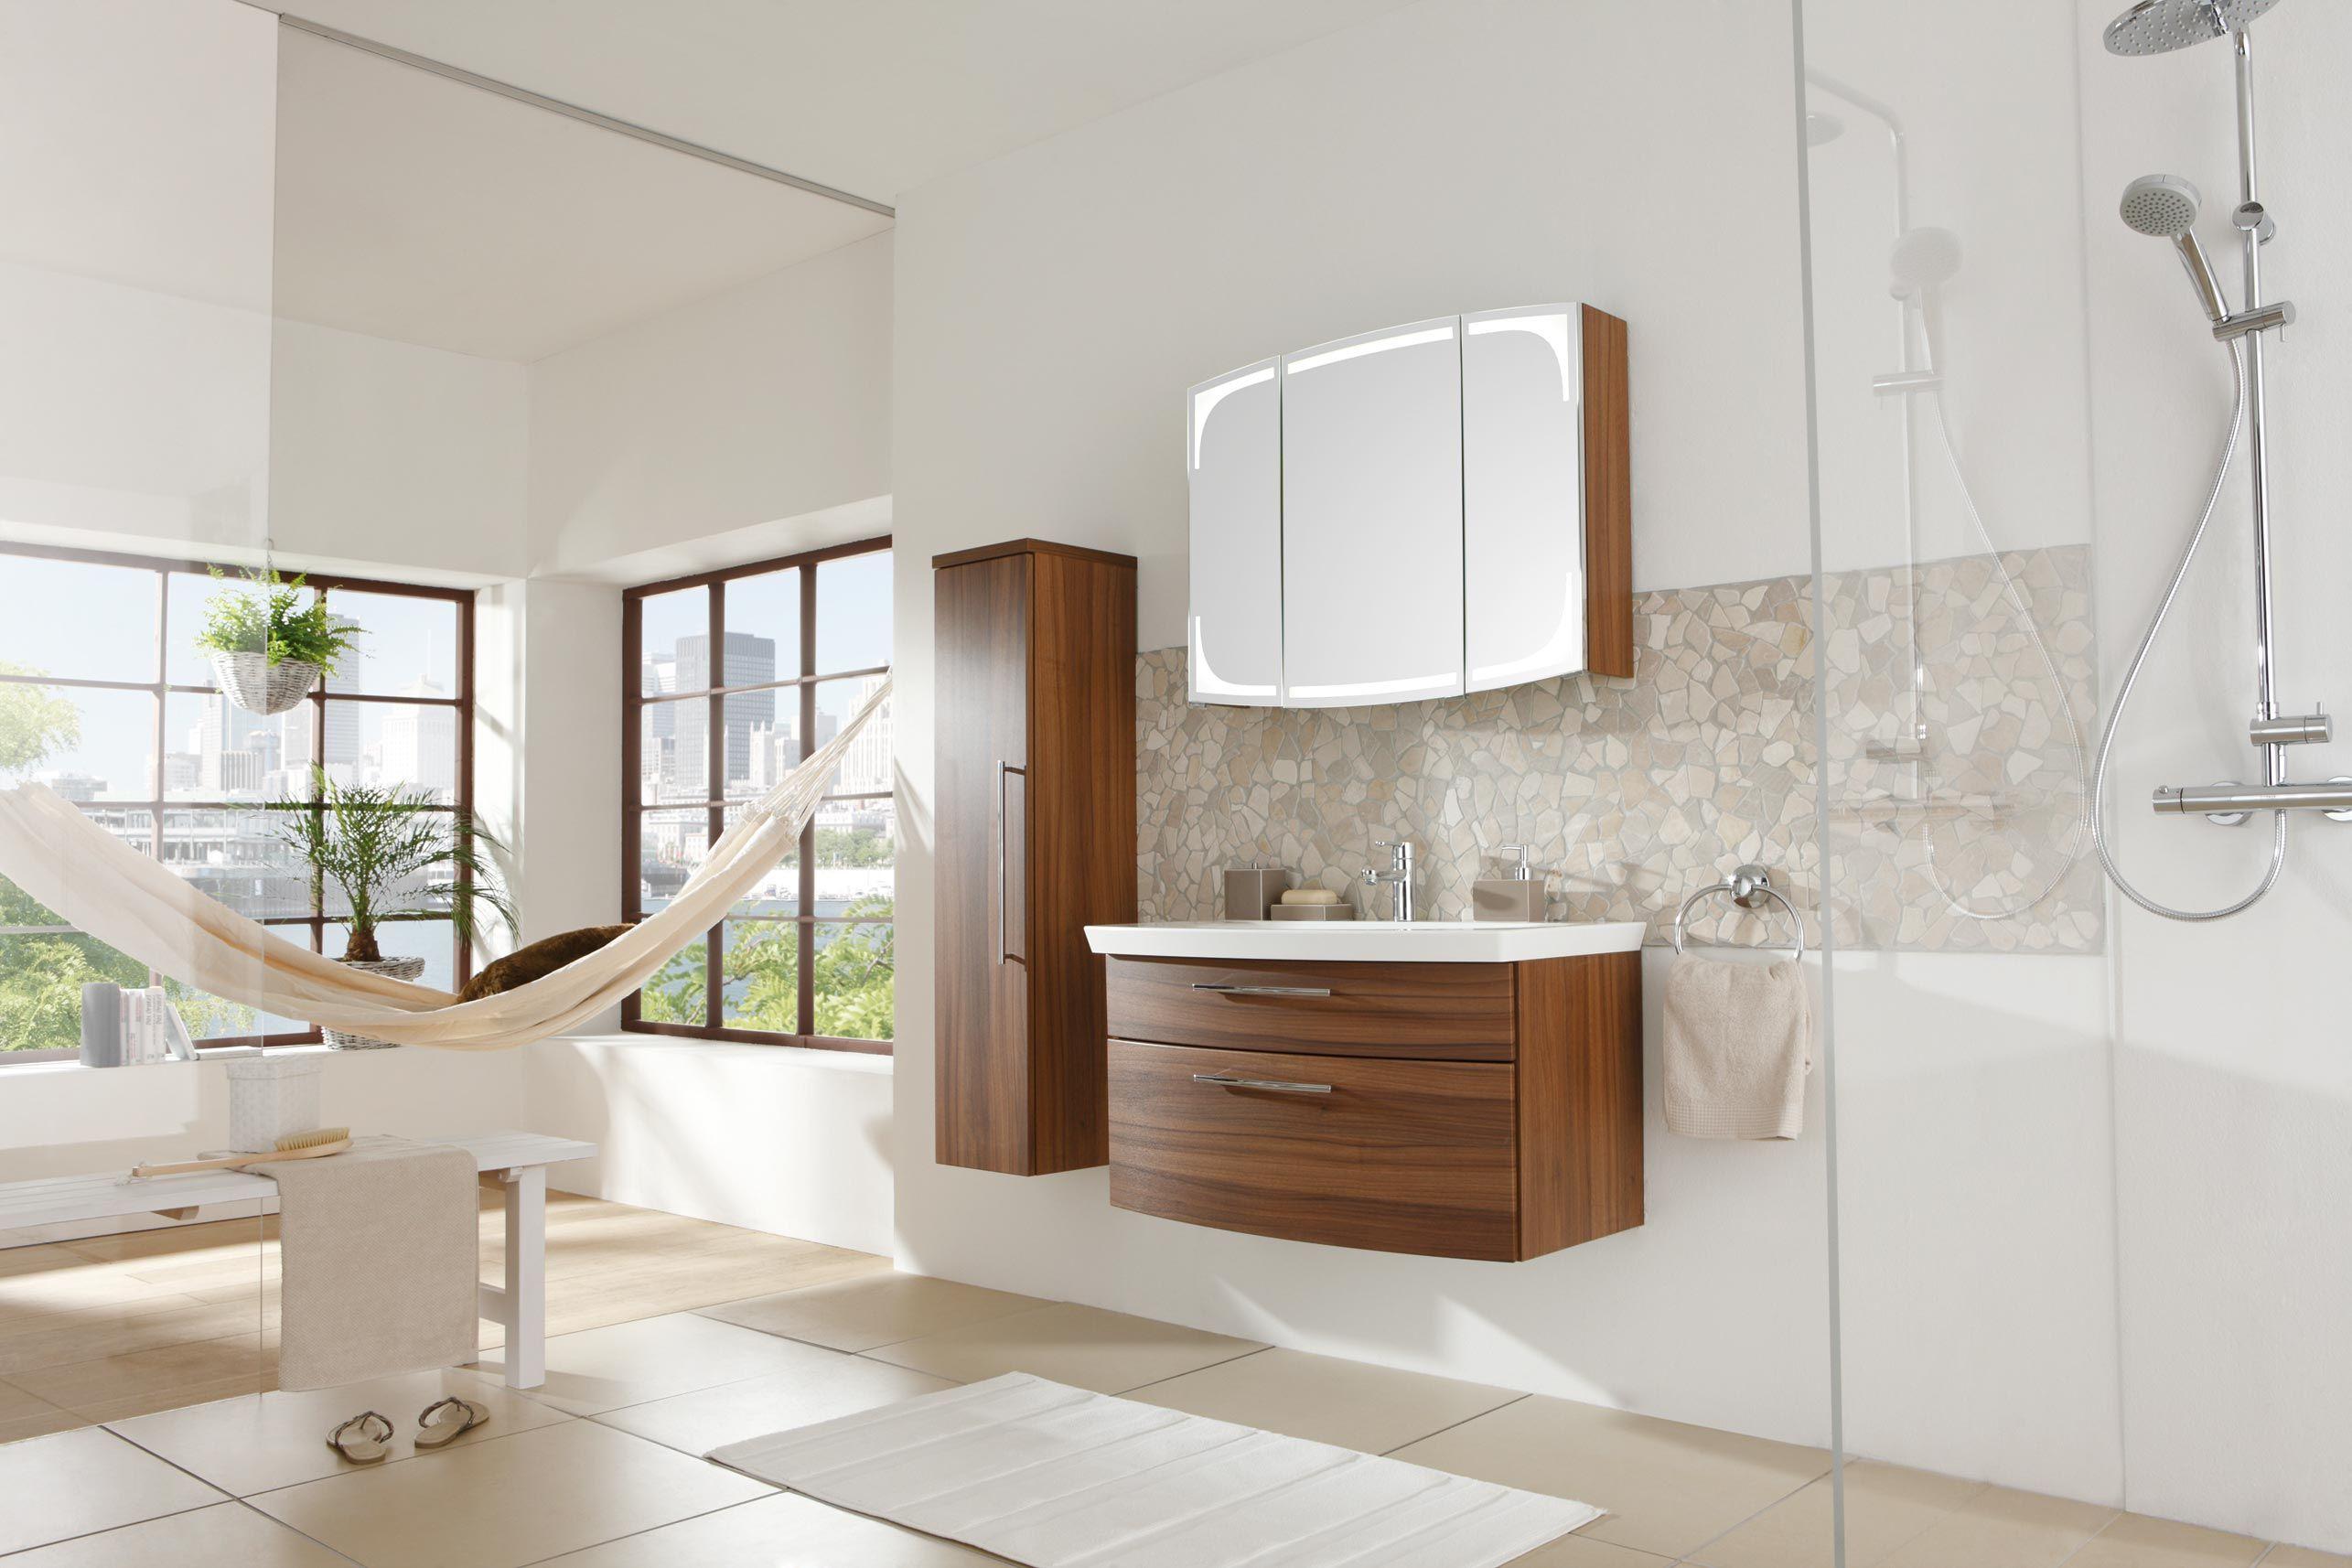 Meubles de salle de bain cedam   gamme elite   ambiance ...